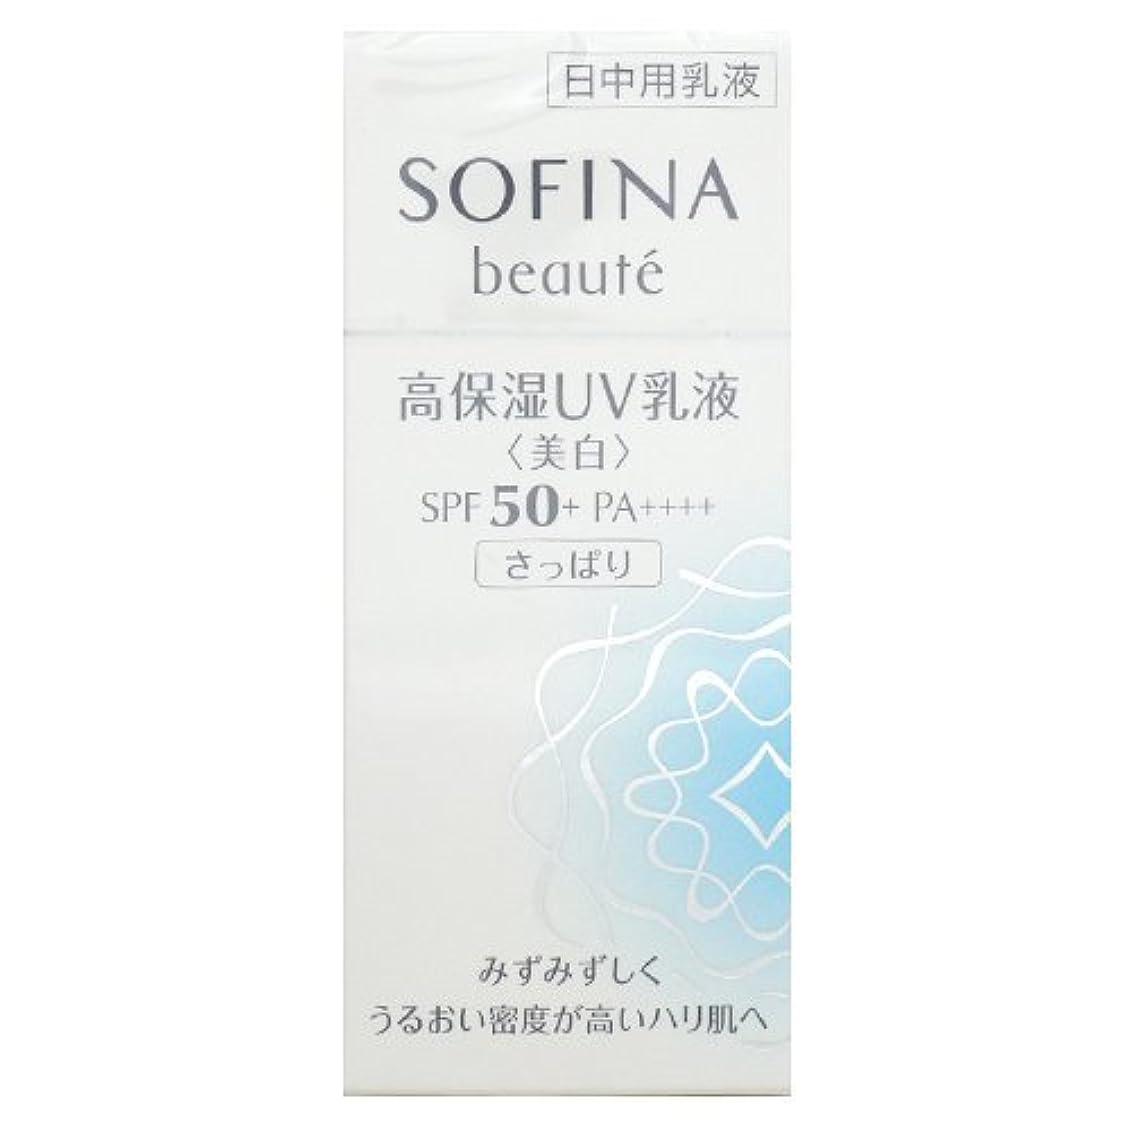 ルアーつぼみブロッサム花王 ソフィーナ ボーテ SOFINA beaute 高保湿UV乳液 美白 SPF50+ PA++++ さっぱり 30mL [並行輸入品]